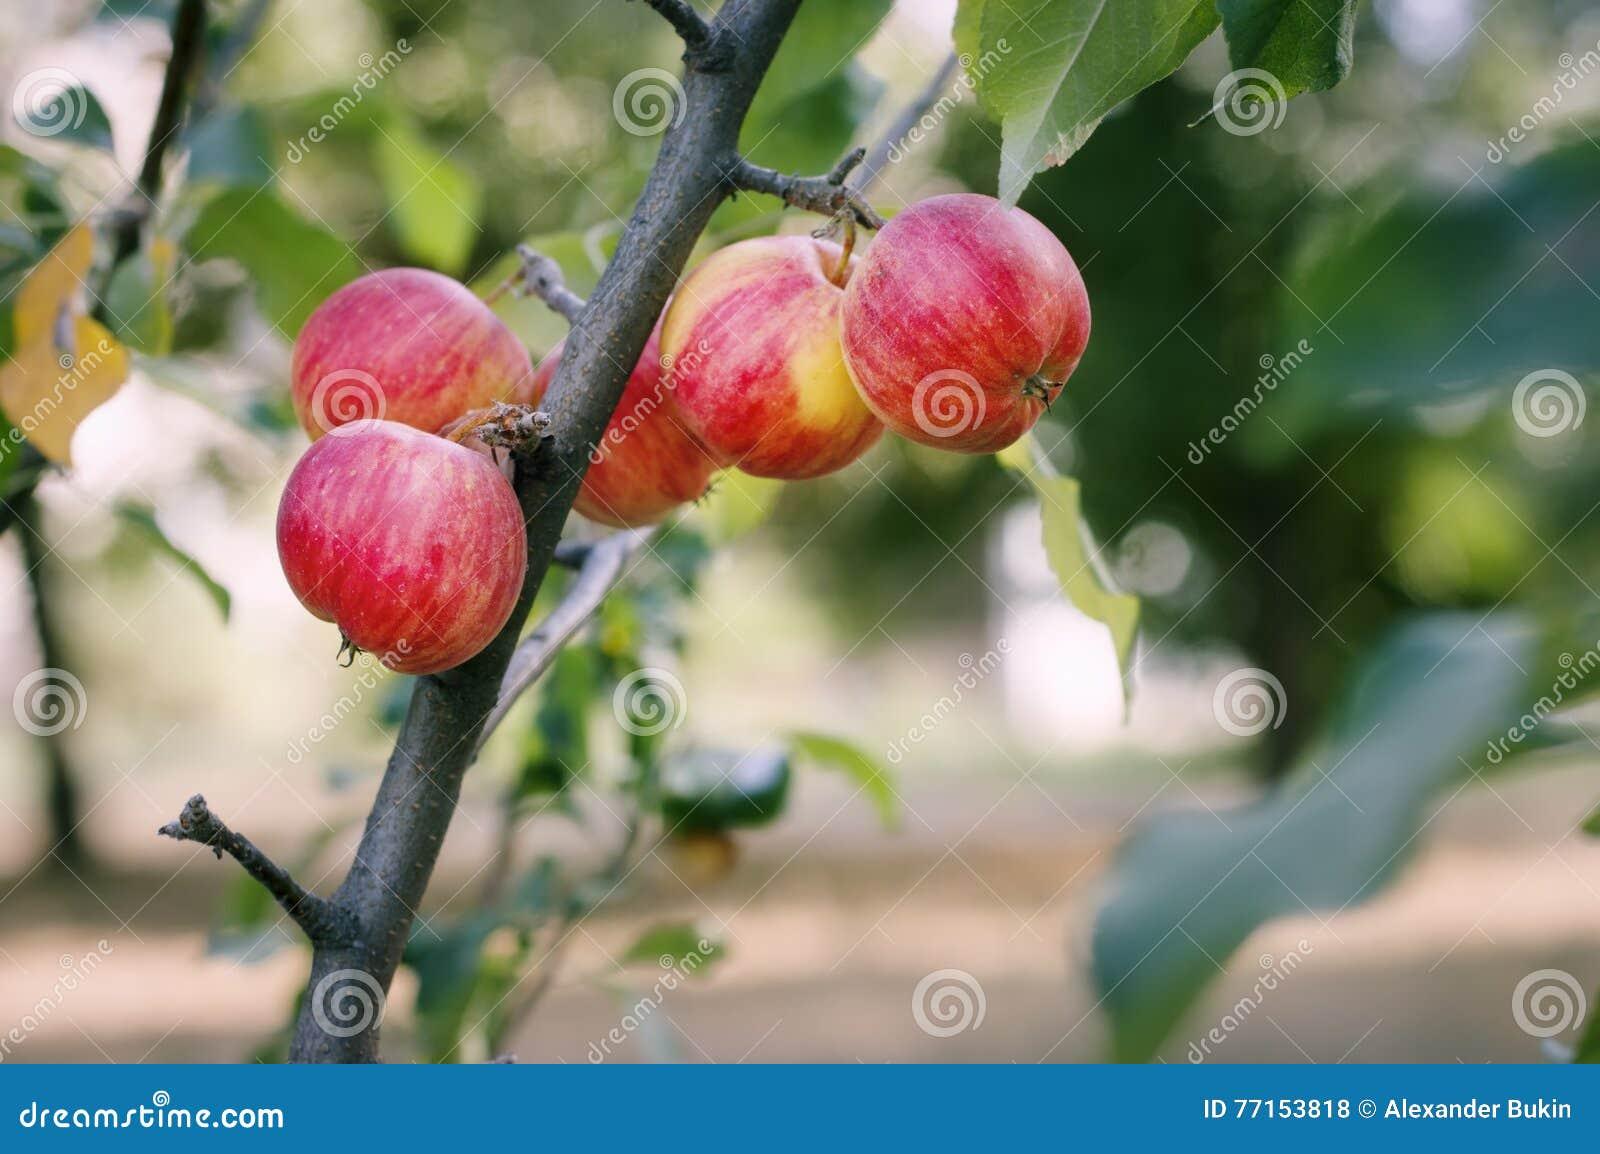 Les pommes mûres se développent dans le jardin